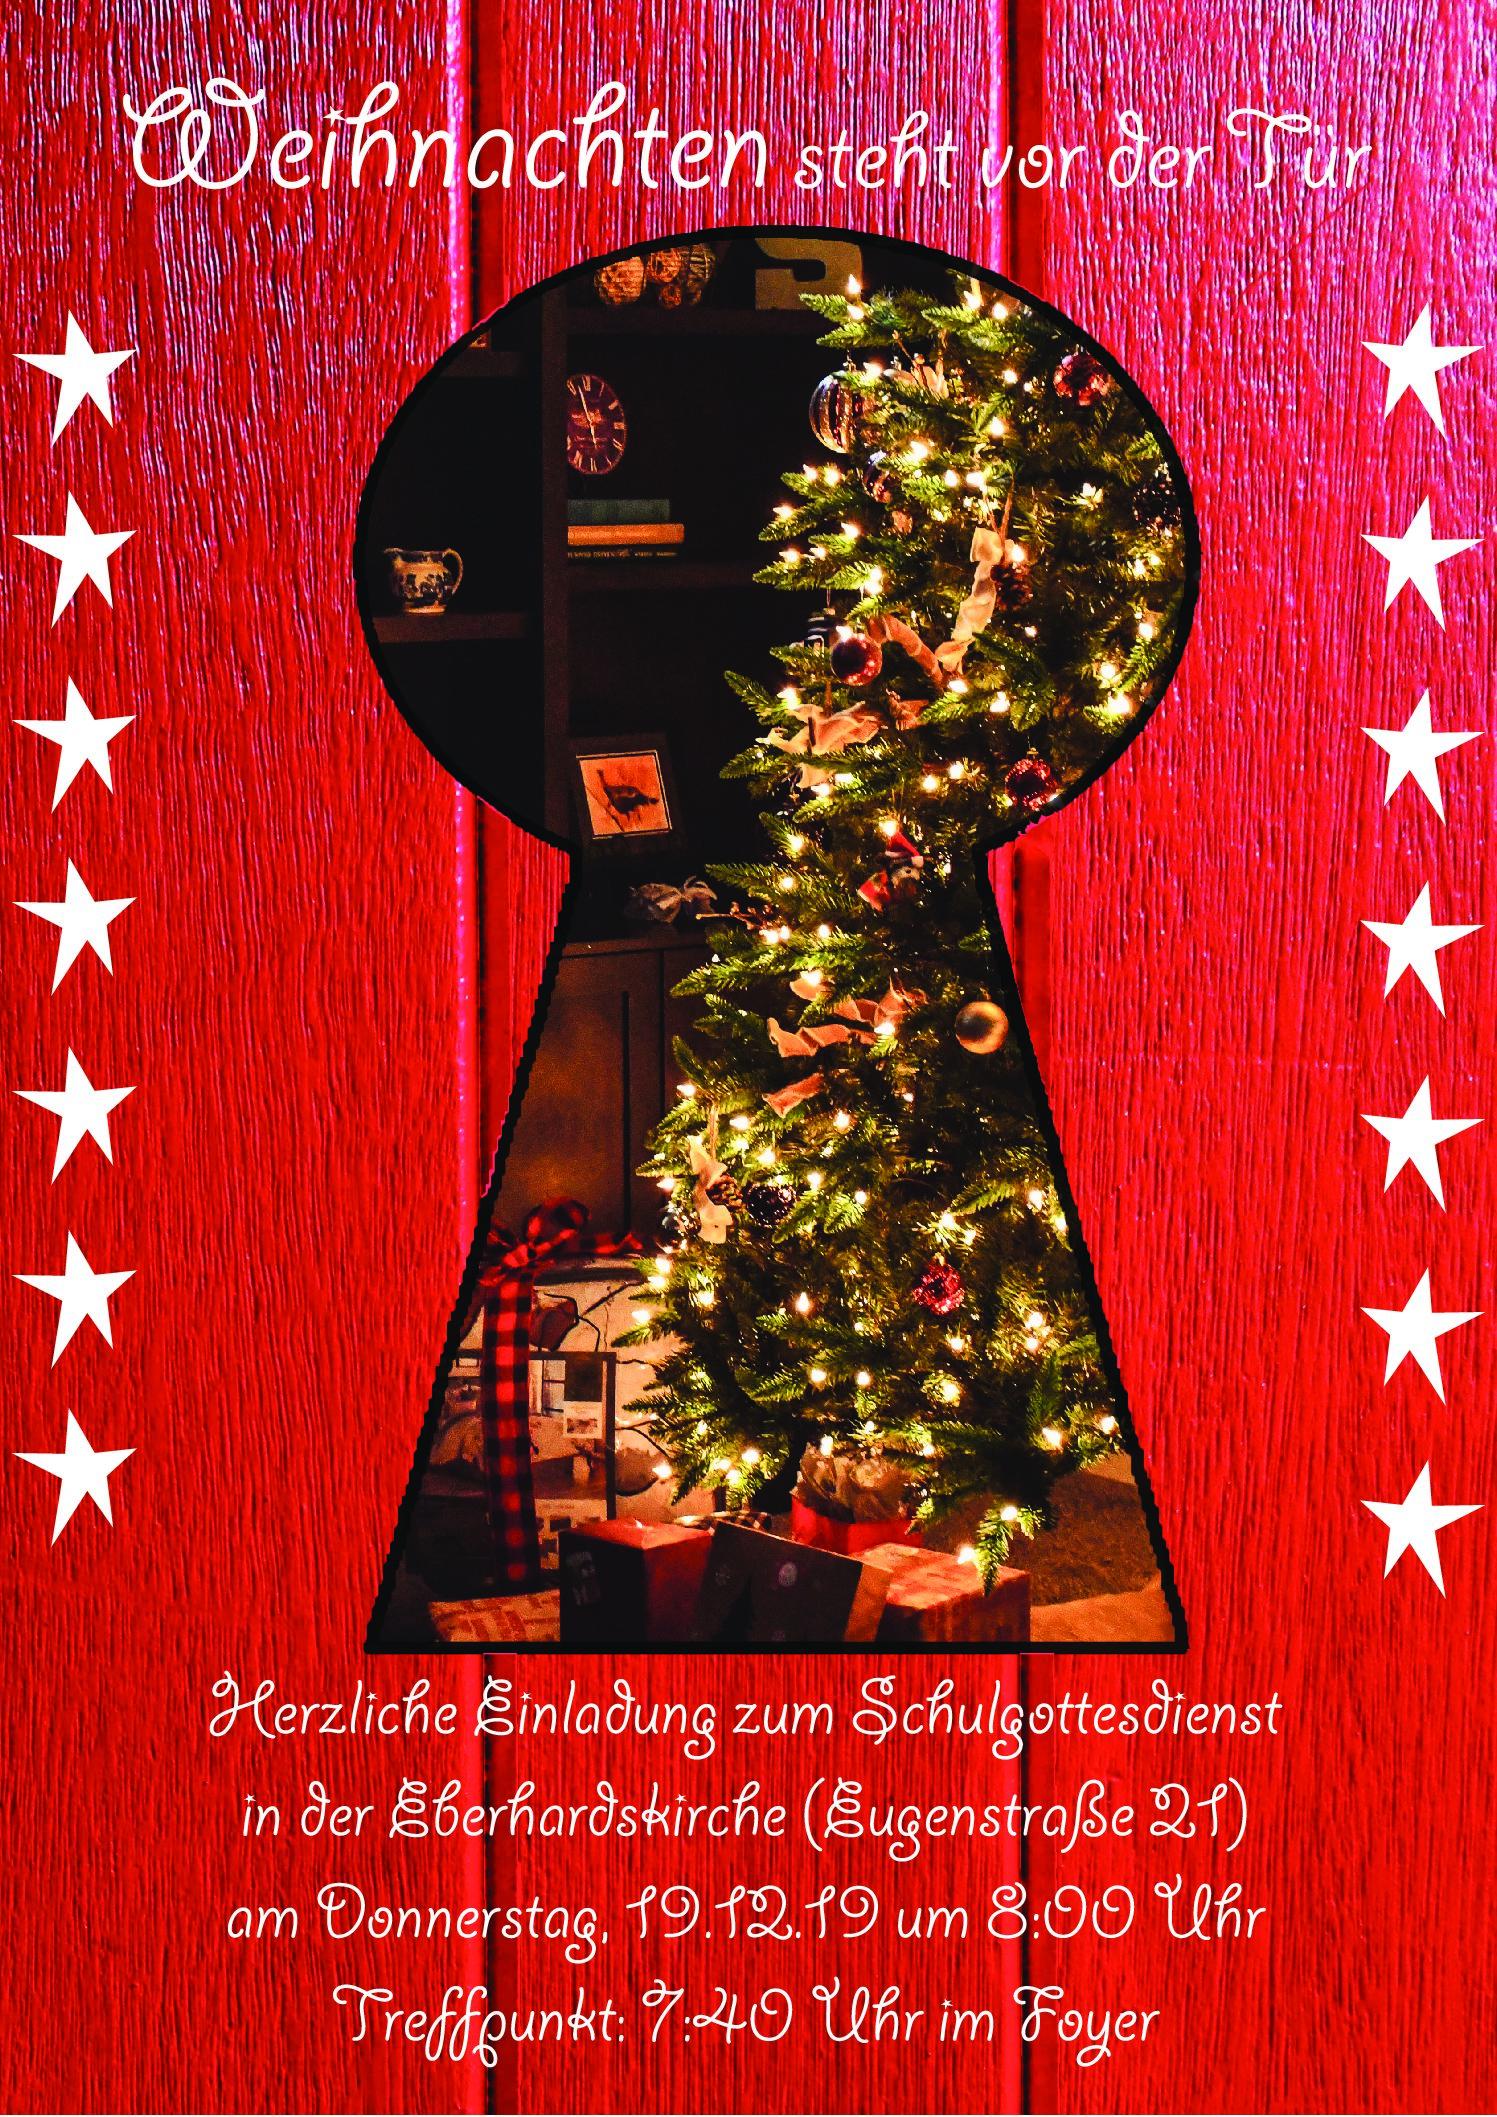 Einladung zum Weihnachtsgottesdienst